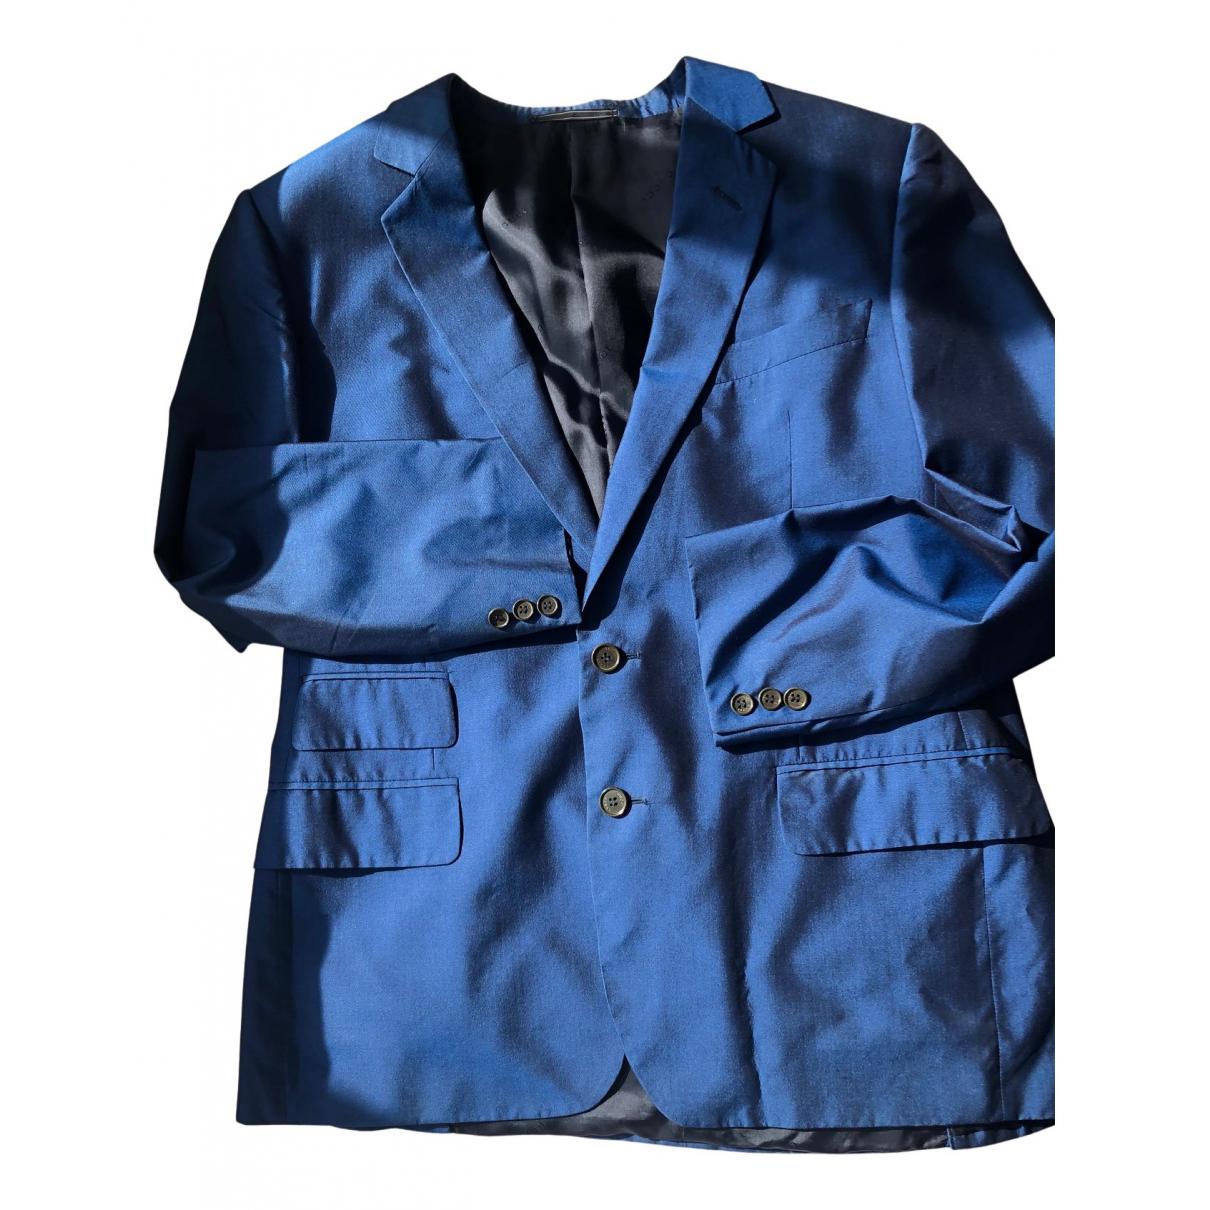 Gucci - Vestes.Blousons   pour homme en soie - bleu